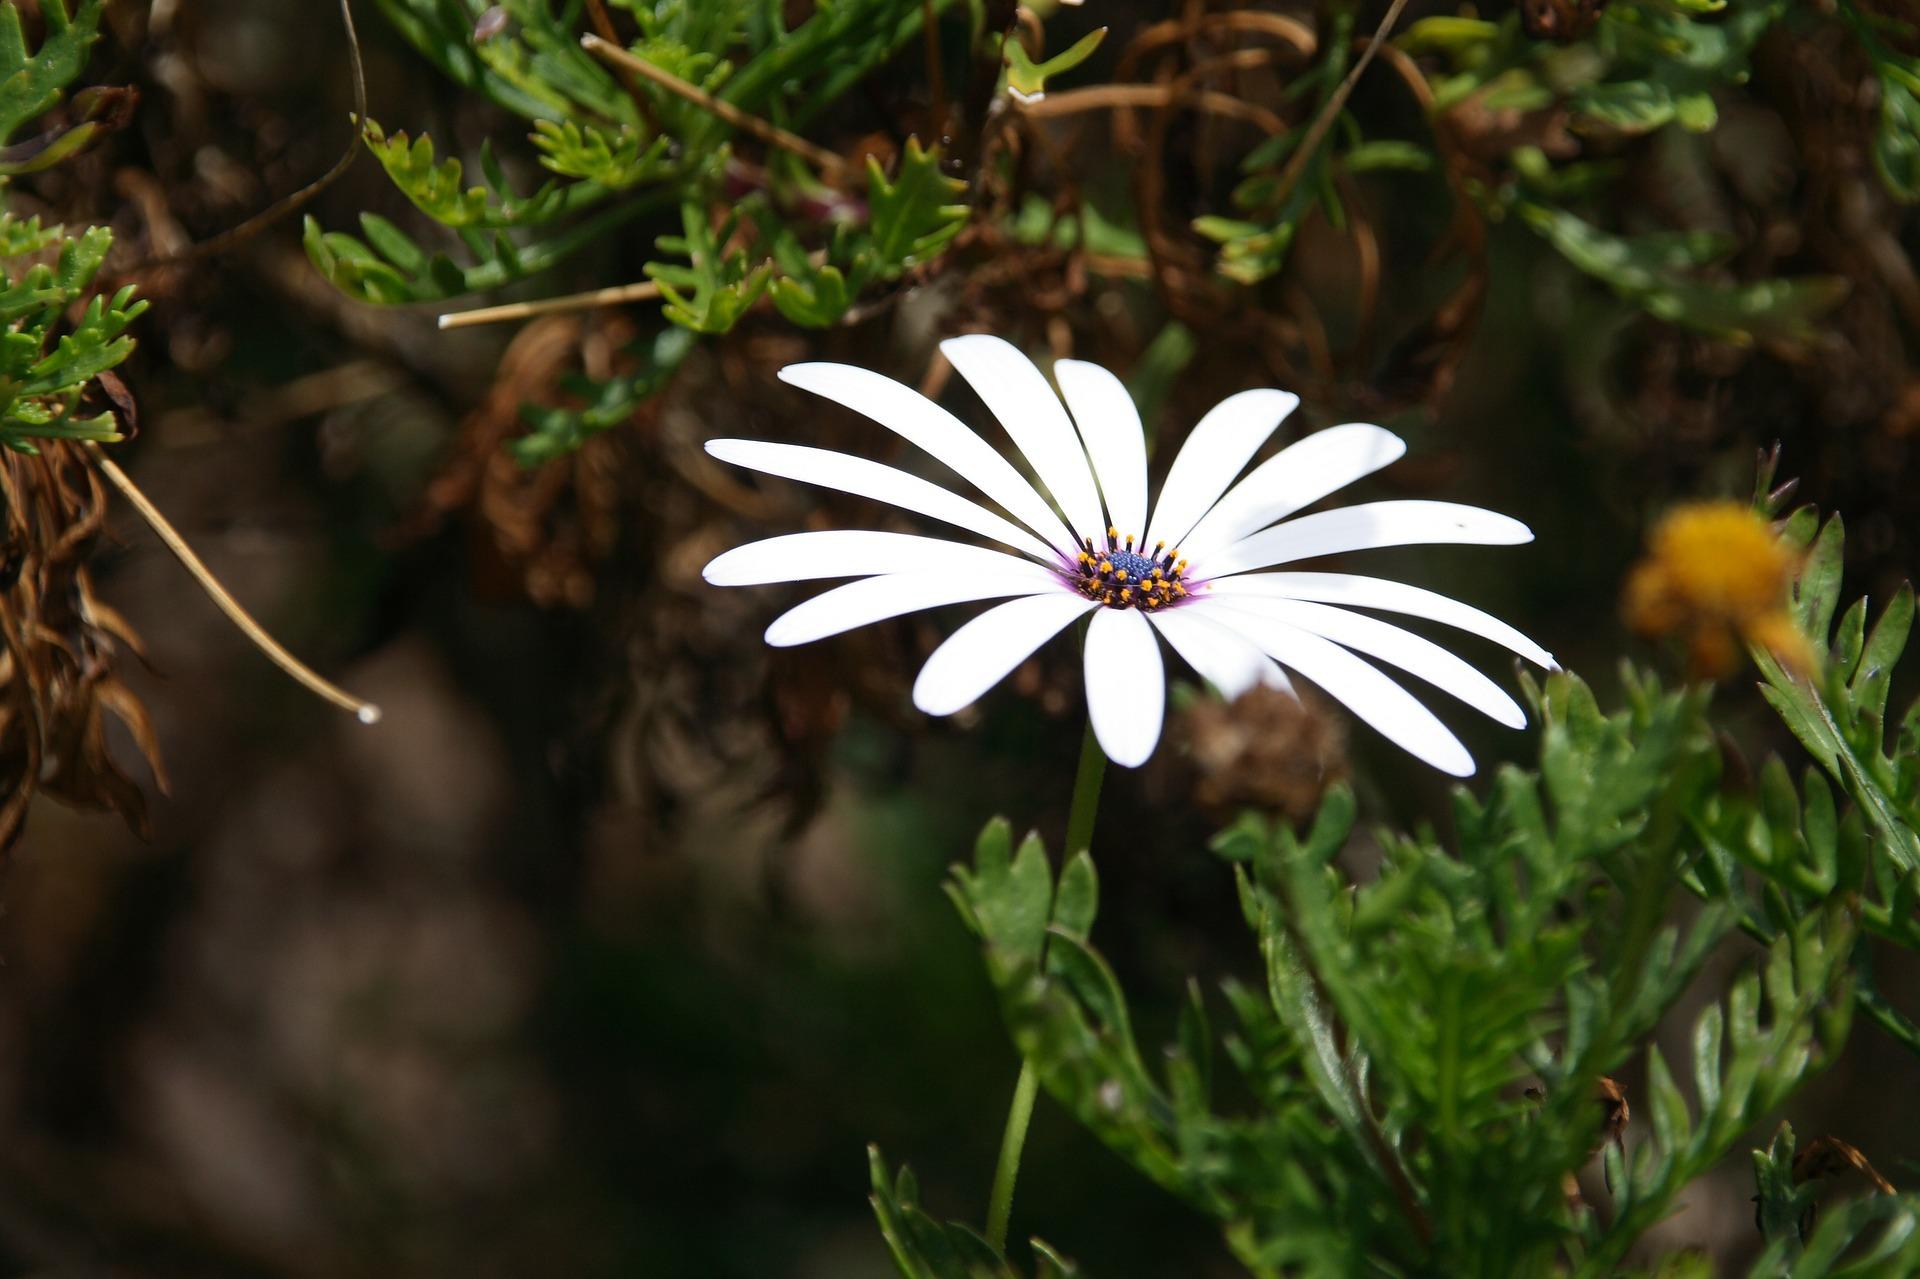 오스테오스펄멈, Osteospermum ecklonis